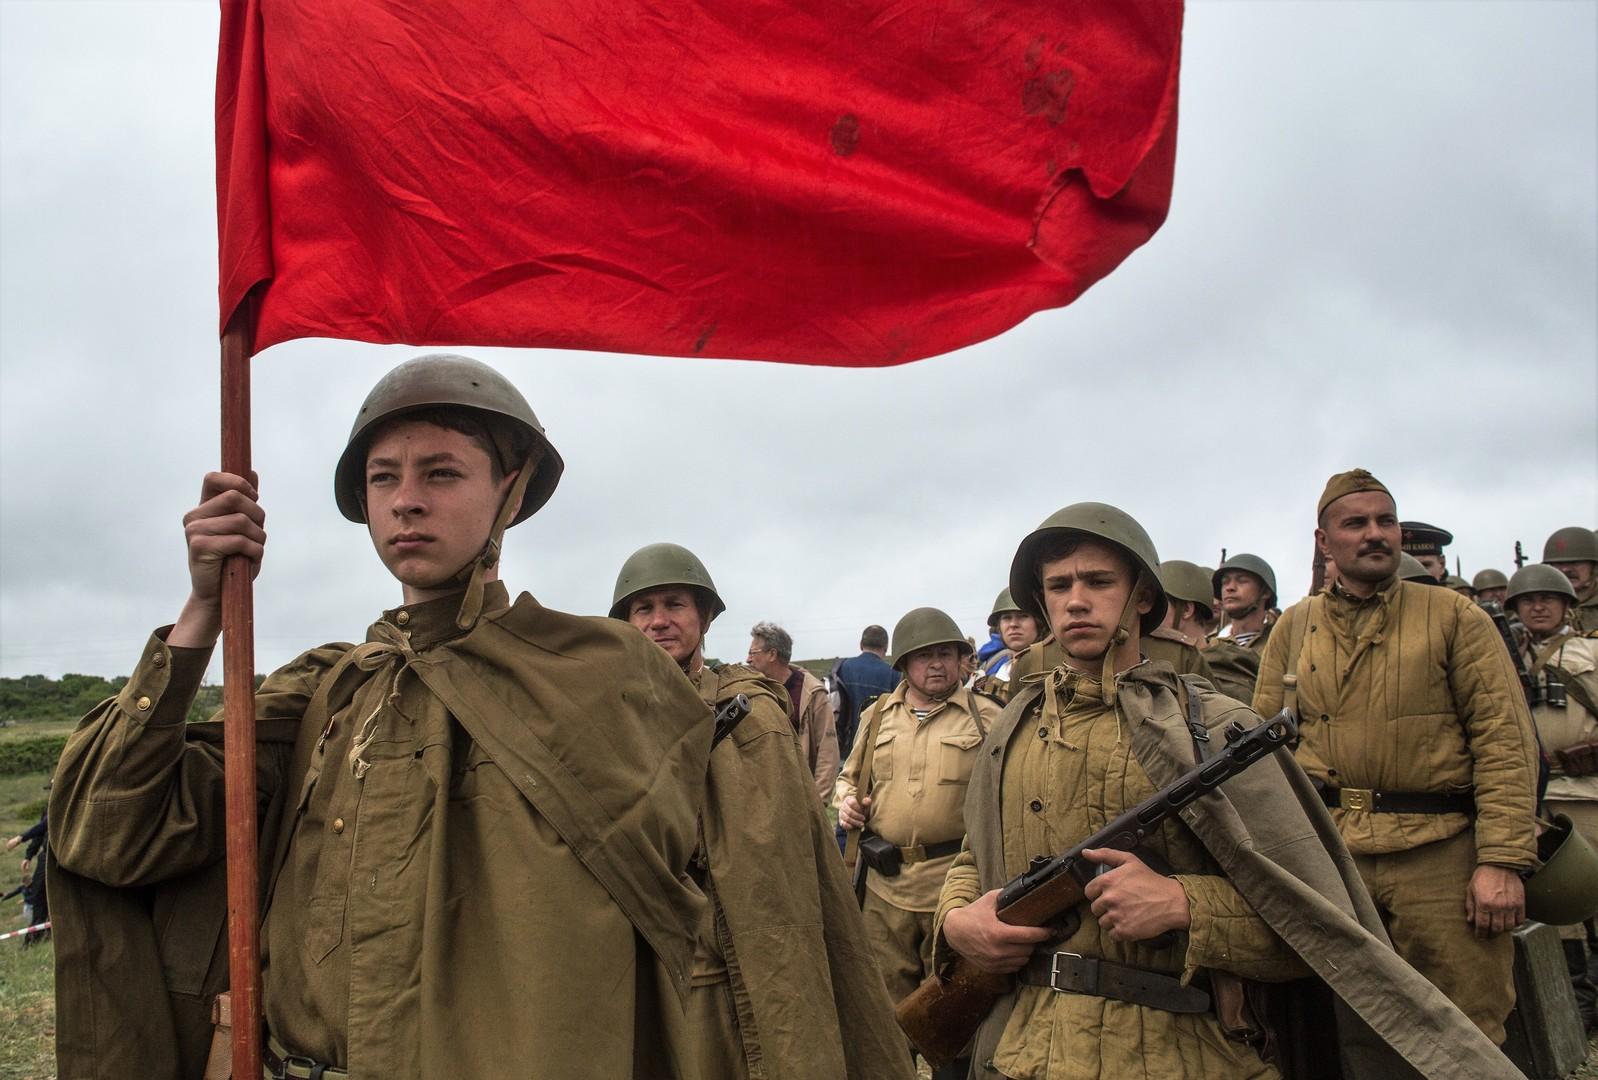 Siegesparade und Unsterbliches Regiment: Staatstreuer Militarismus oder aufrichtiges Gedenken?